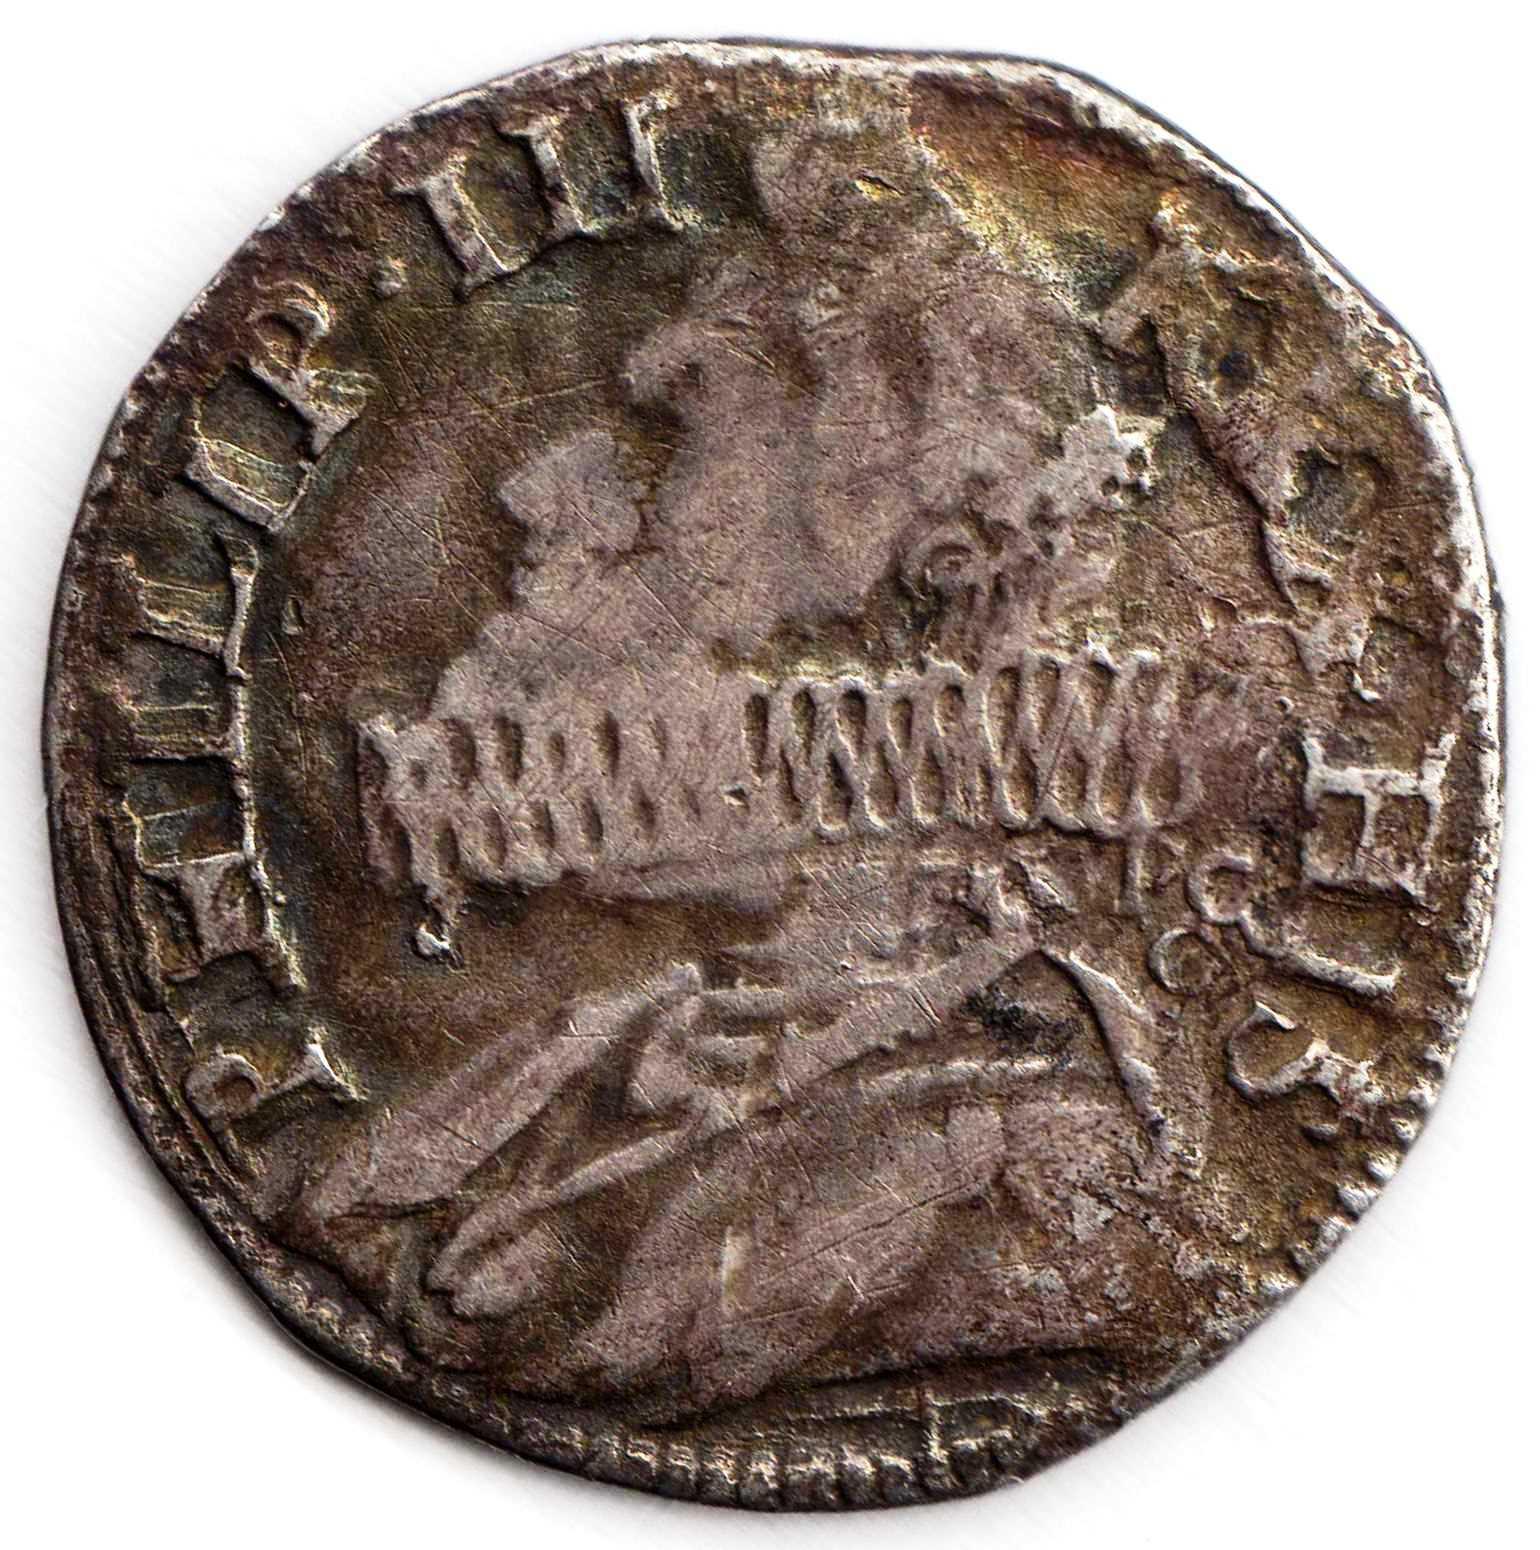 1619 FELIPE III - 15 GRANA DEL REINO DE NAPOLES Rau7hy